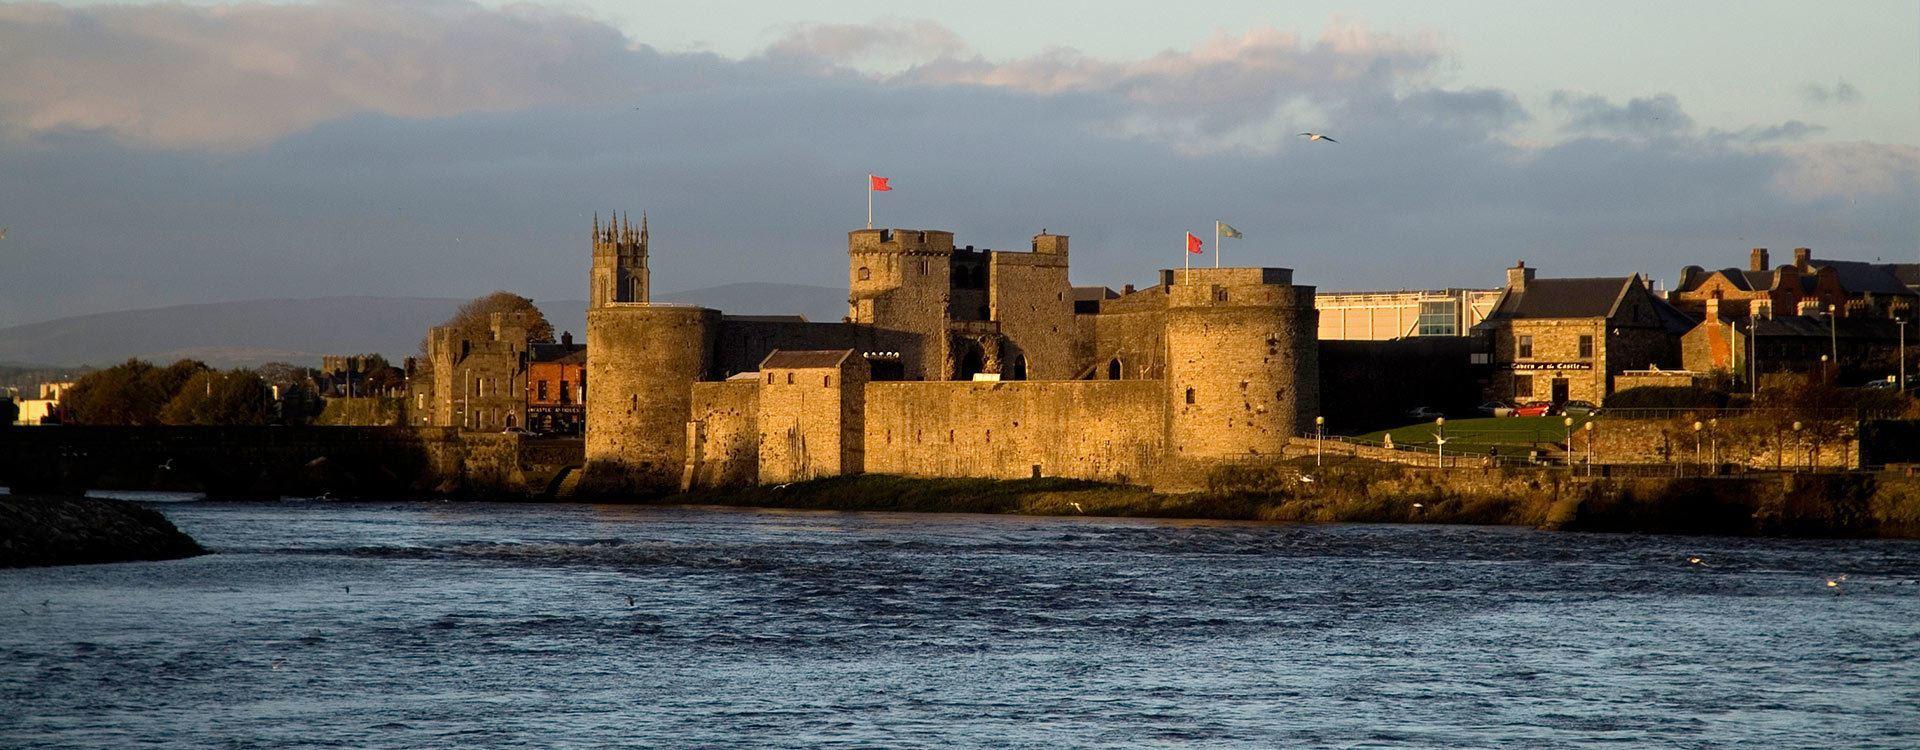 Excursiones desde Limerick